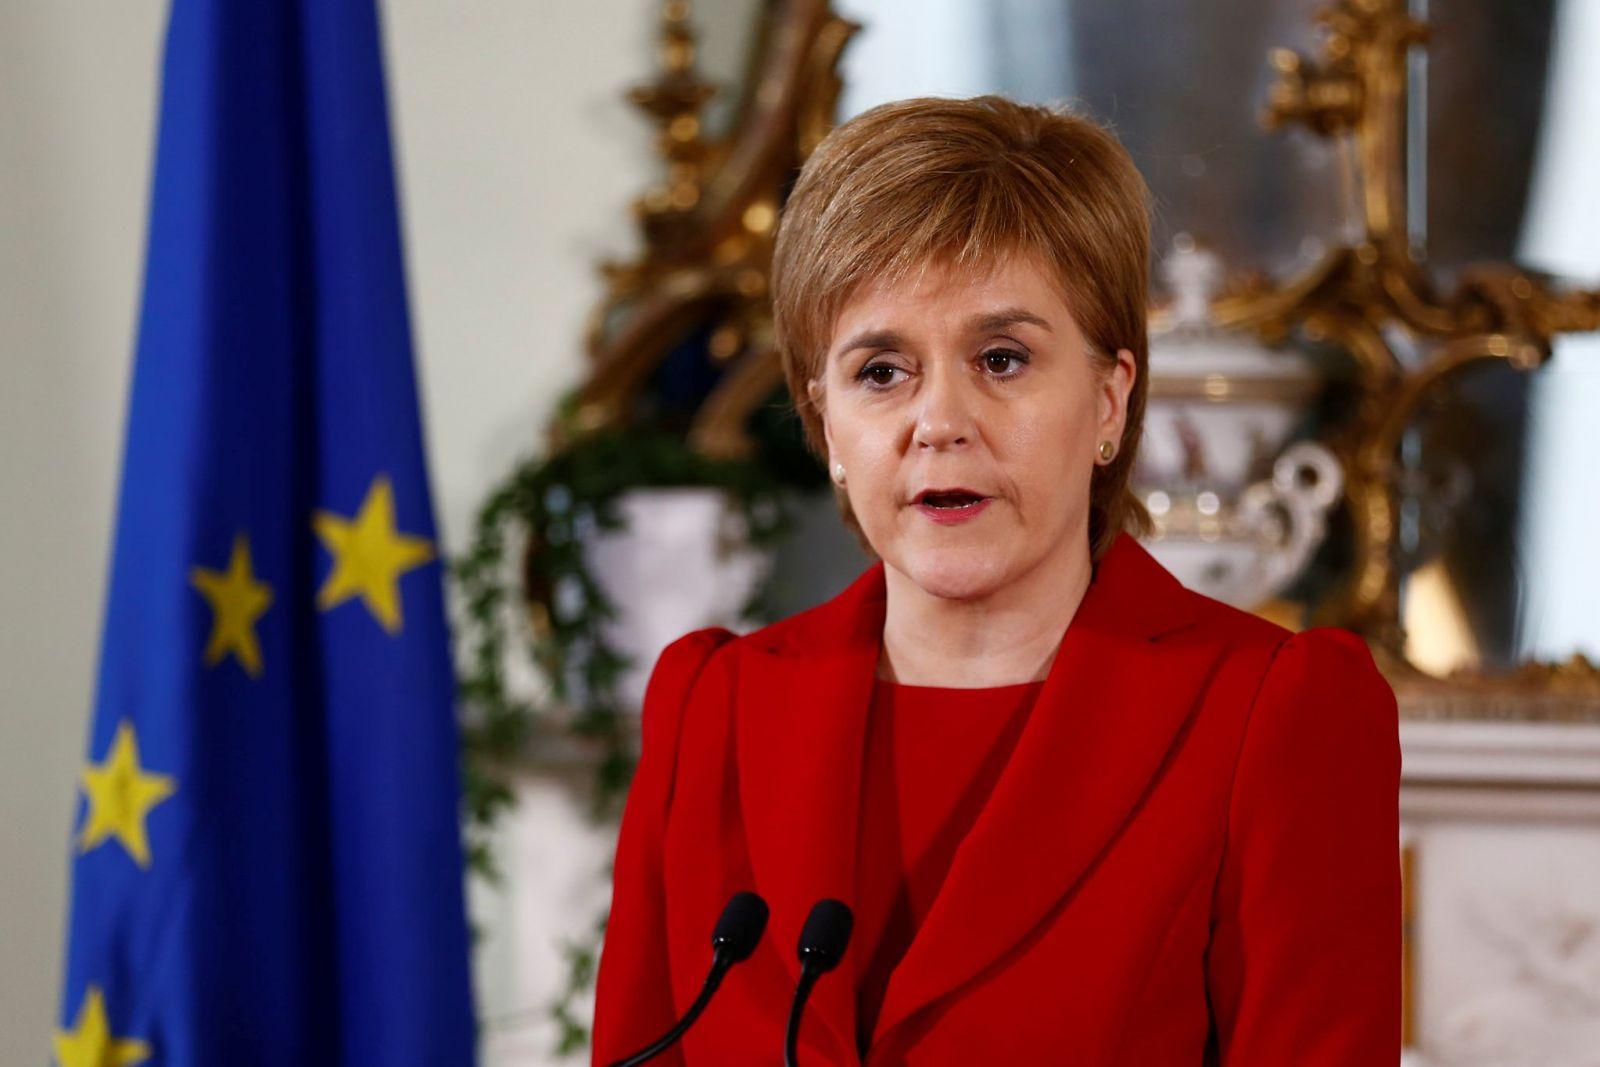 Шотландия намерена провести референдум о независимости в следующем году